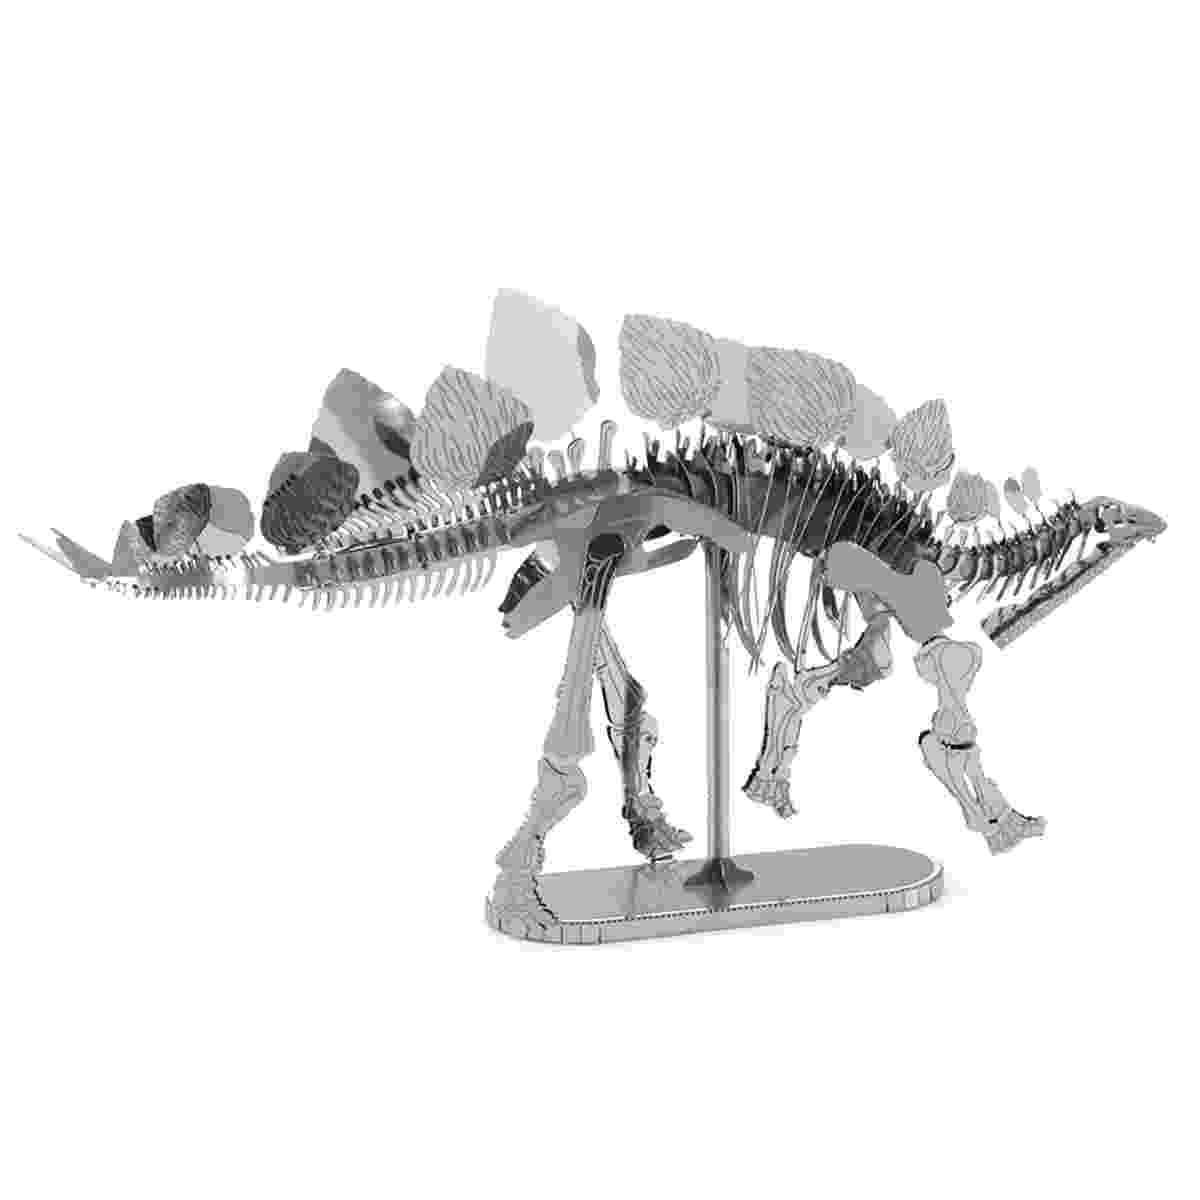 picture of a stegosaurus stegosaurus dinosaur genus britannicacom picture stegosaurus of a